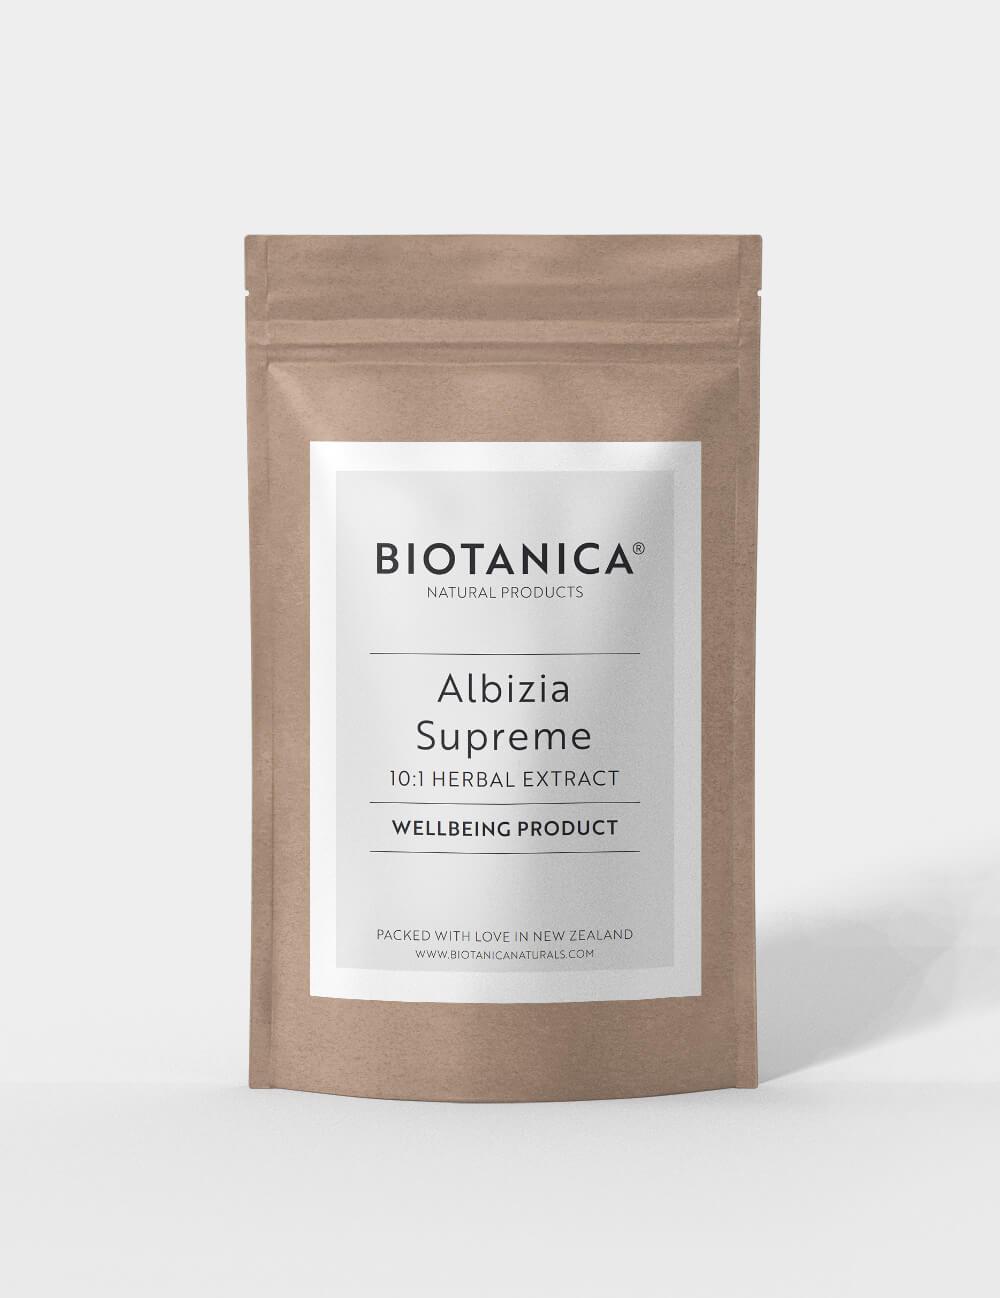 Albizia Image 1